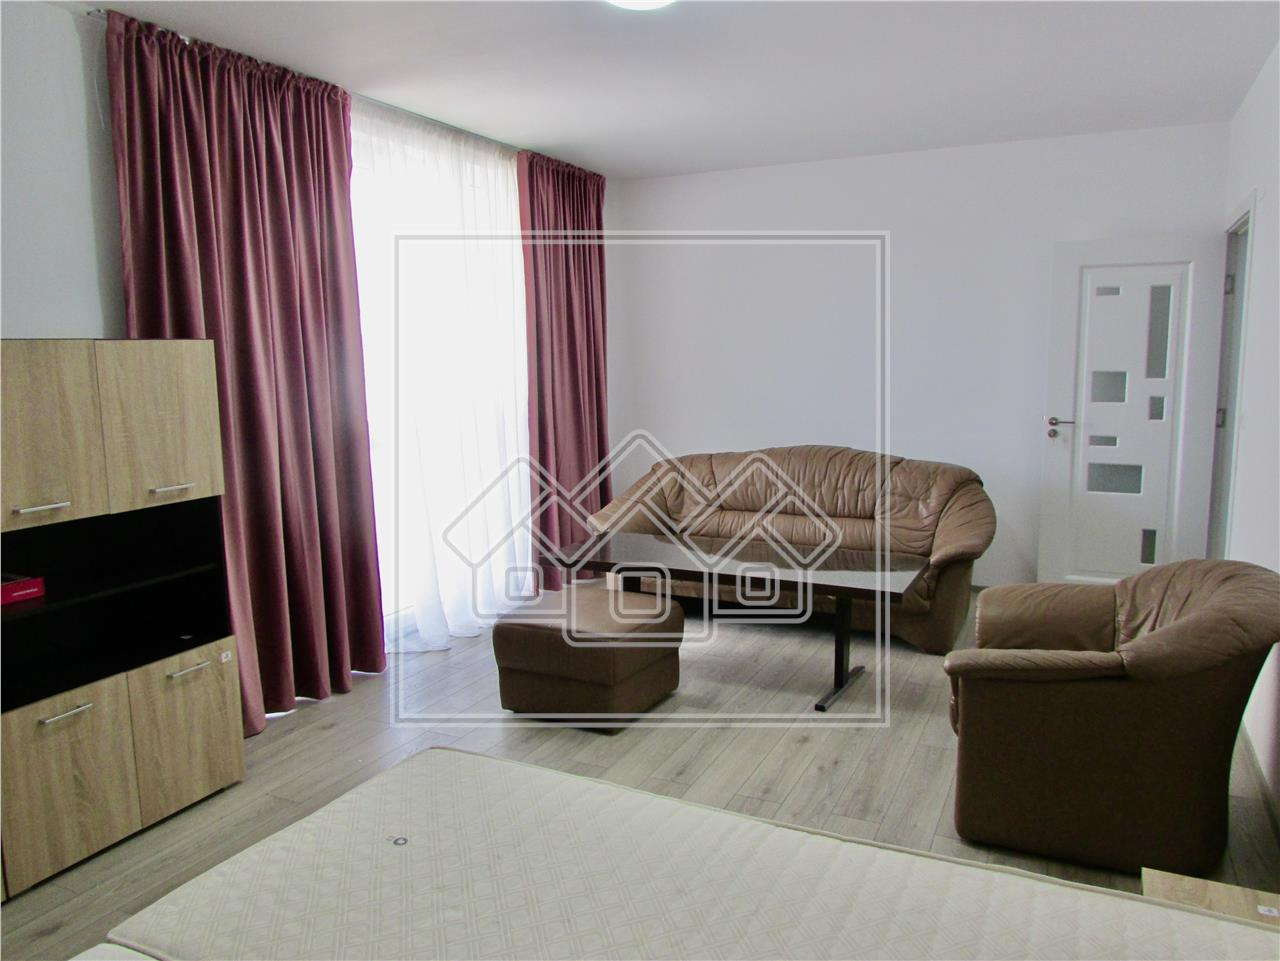 Apartament 2 camere de inchiriat in Sibiu, prima inchiriere,imobil nou